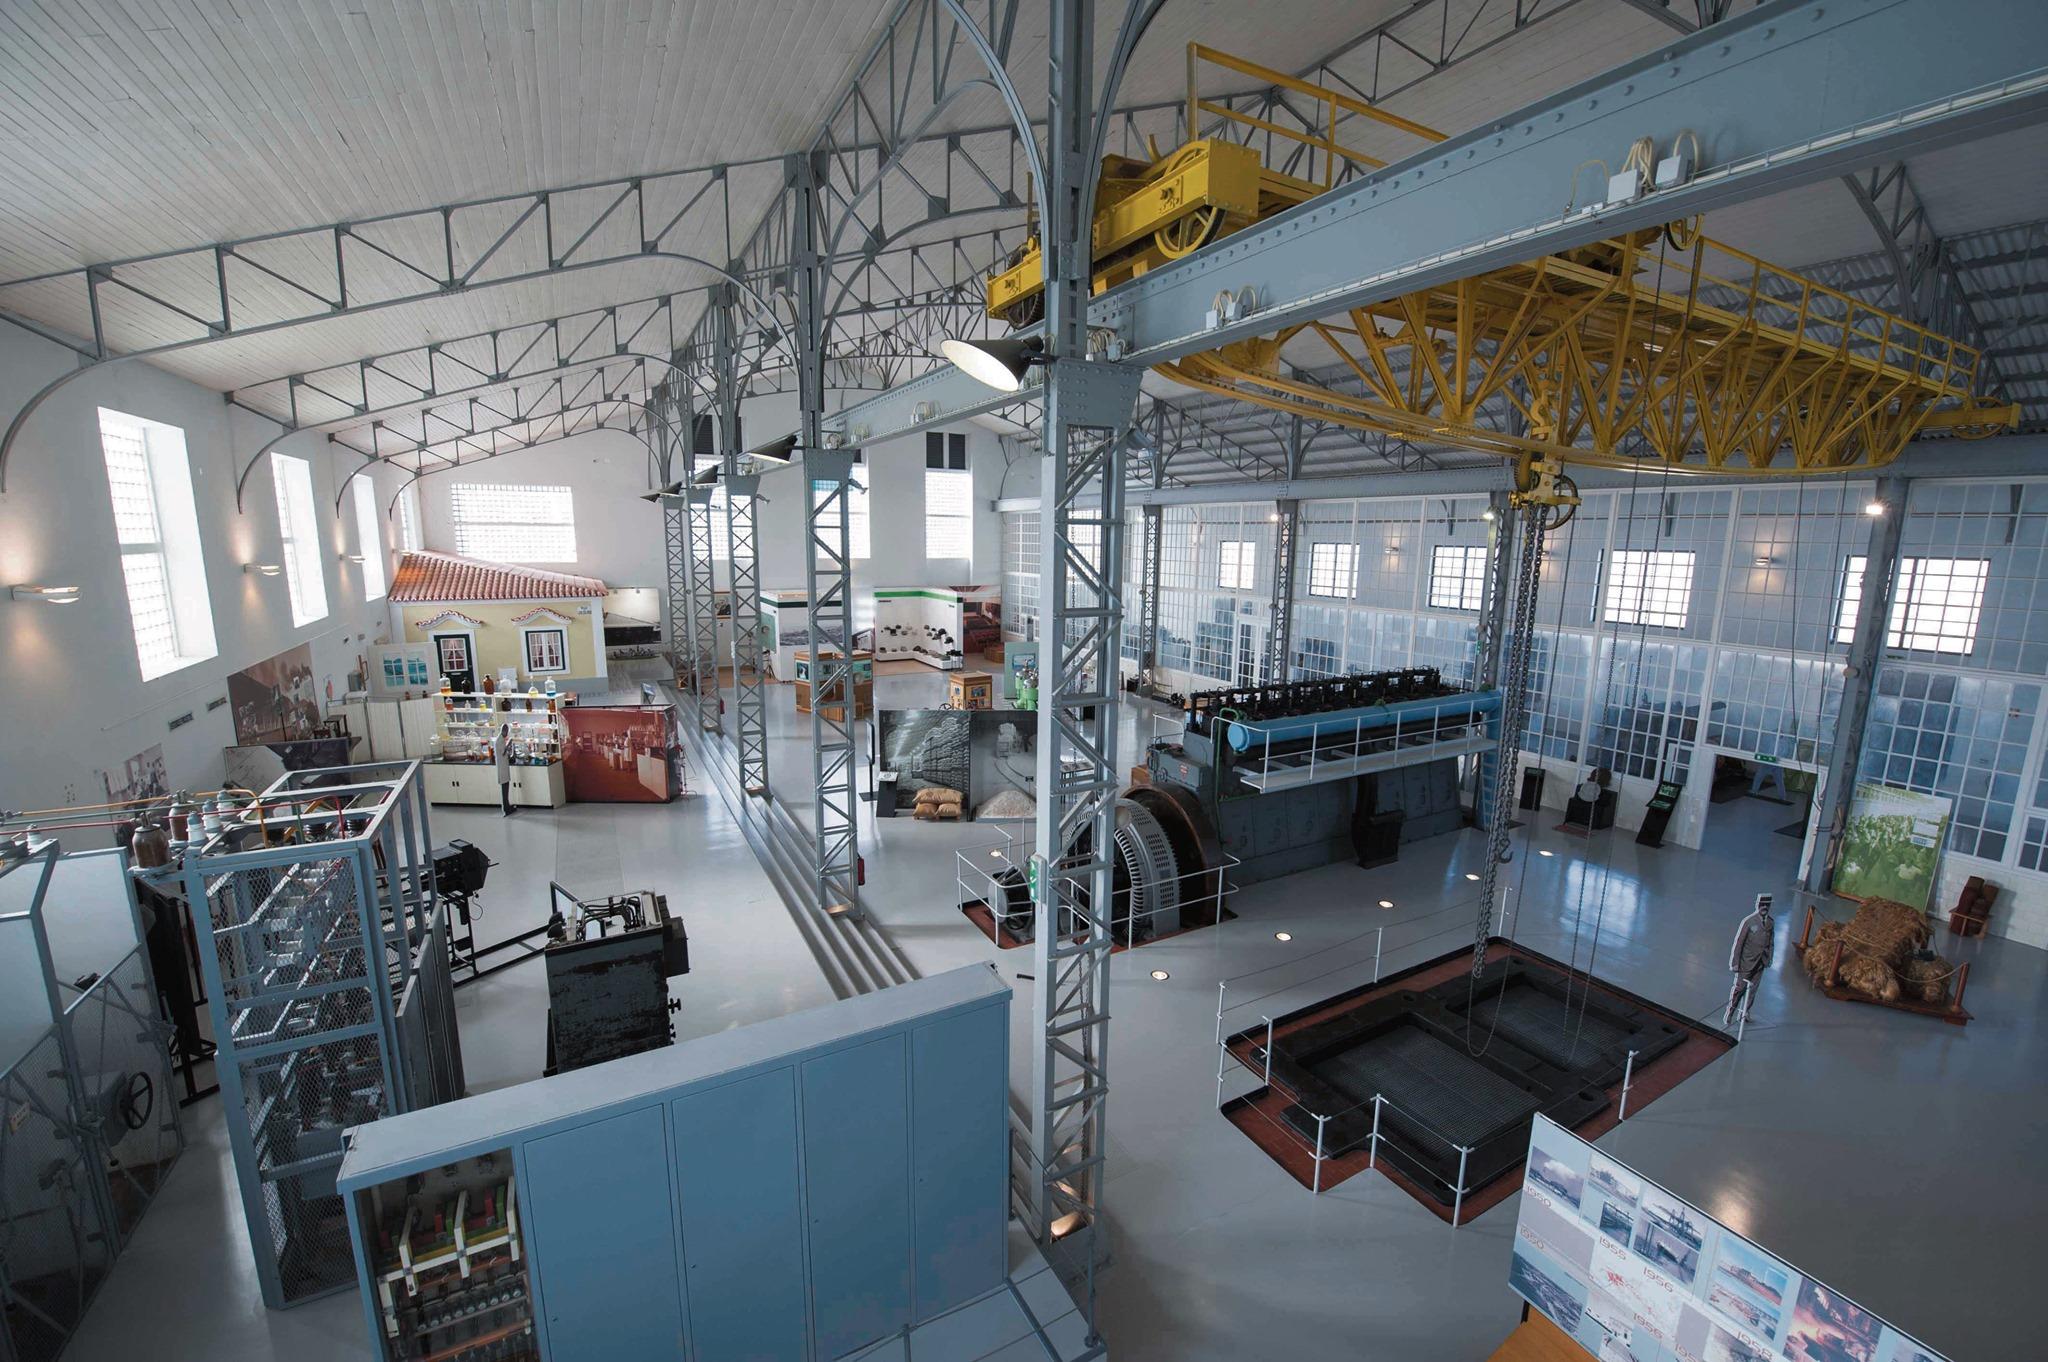 Visita Mausoléu Alfredo da Silva, Bairro Operário e Museu Industrial